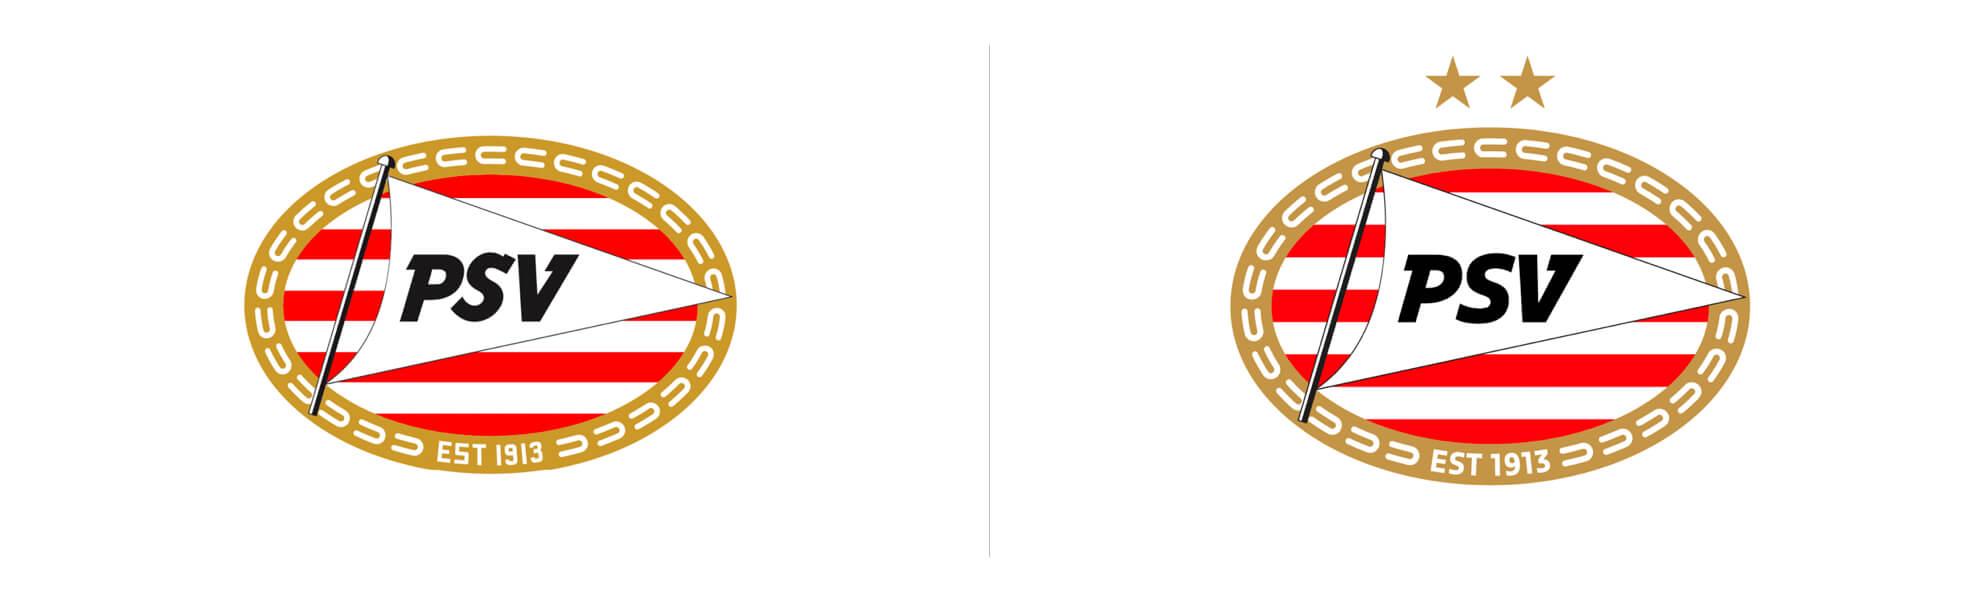 psv znowym logo